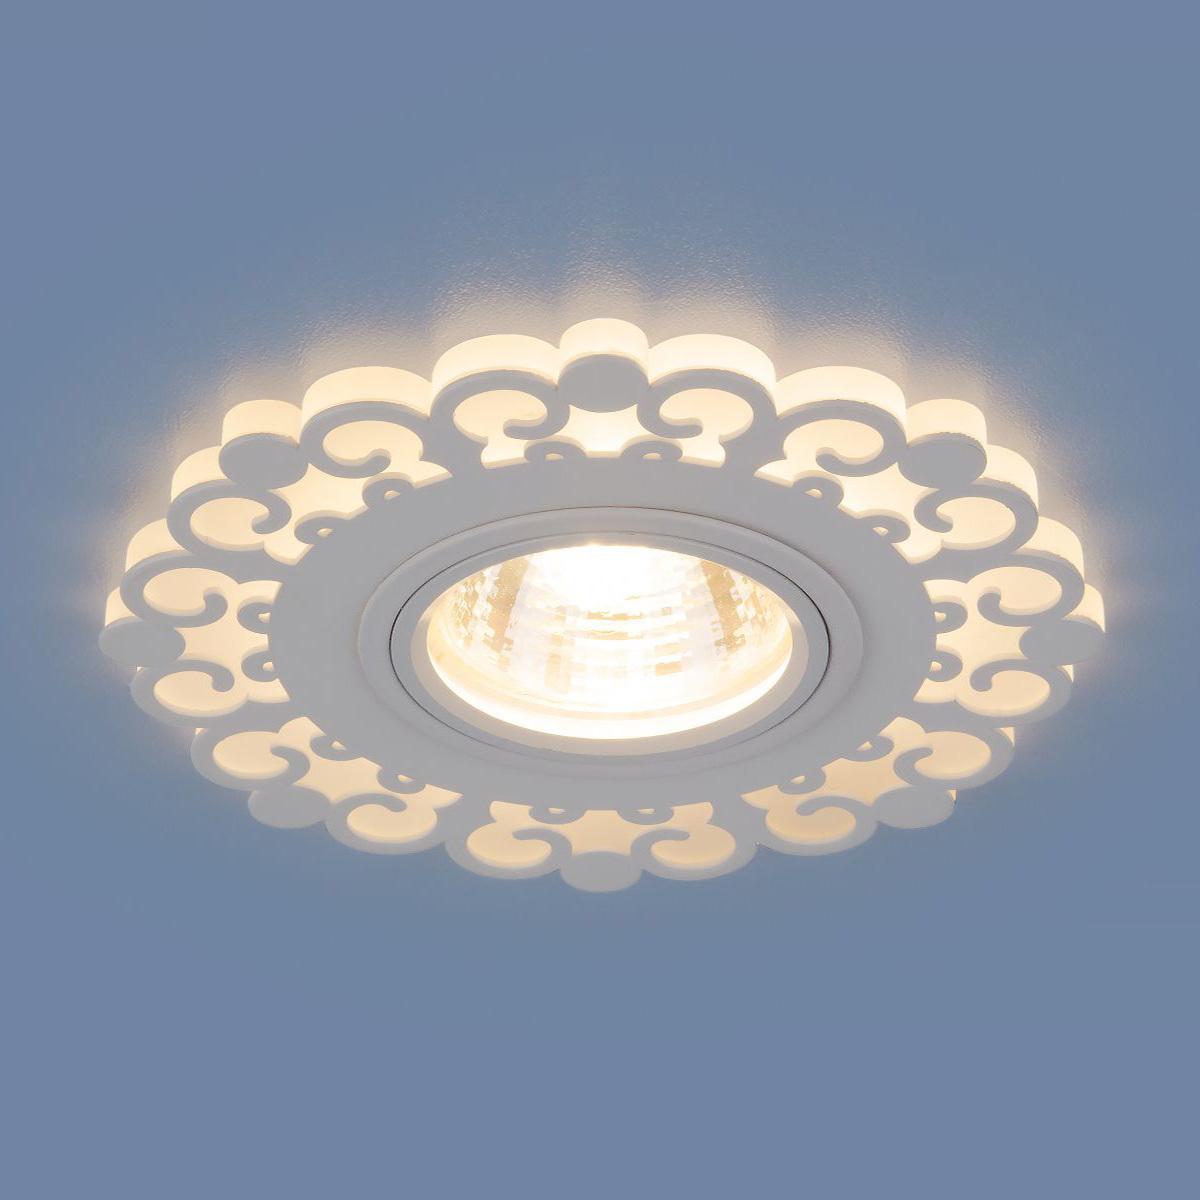 цена Встраиваемый светильник Elektrostandard Точечный светодиодный 2196 MR16 WH, G5.3